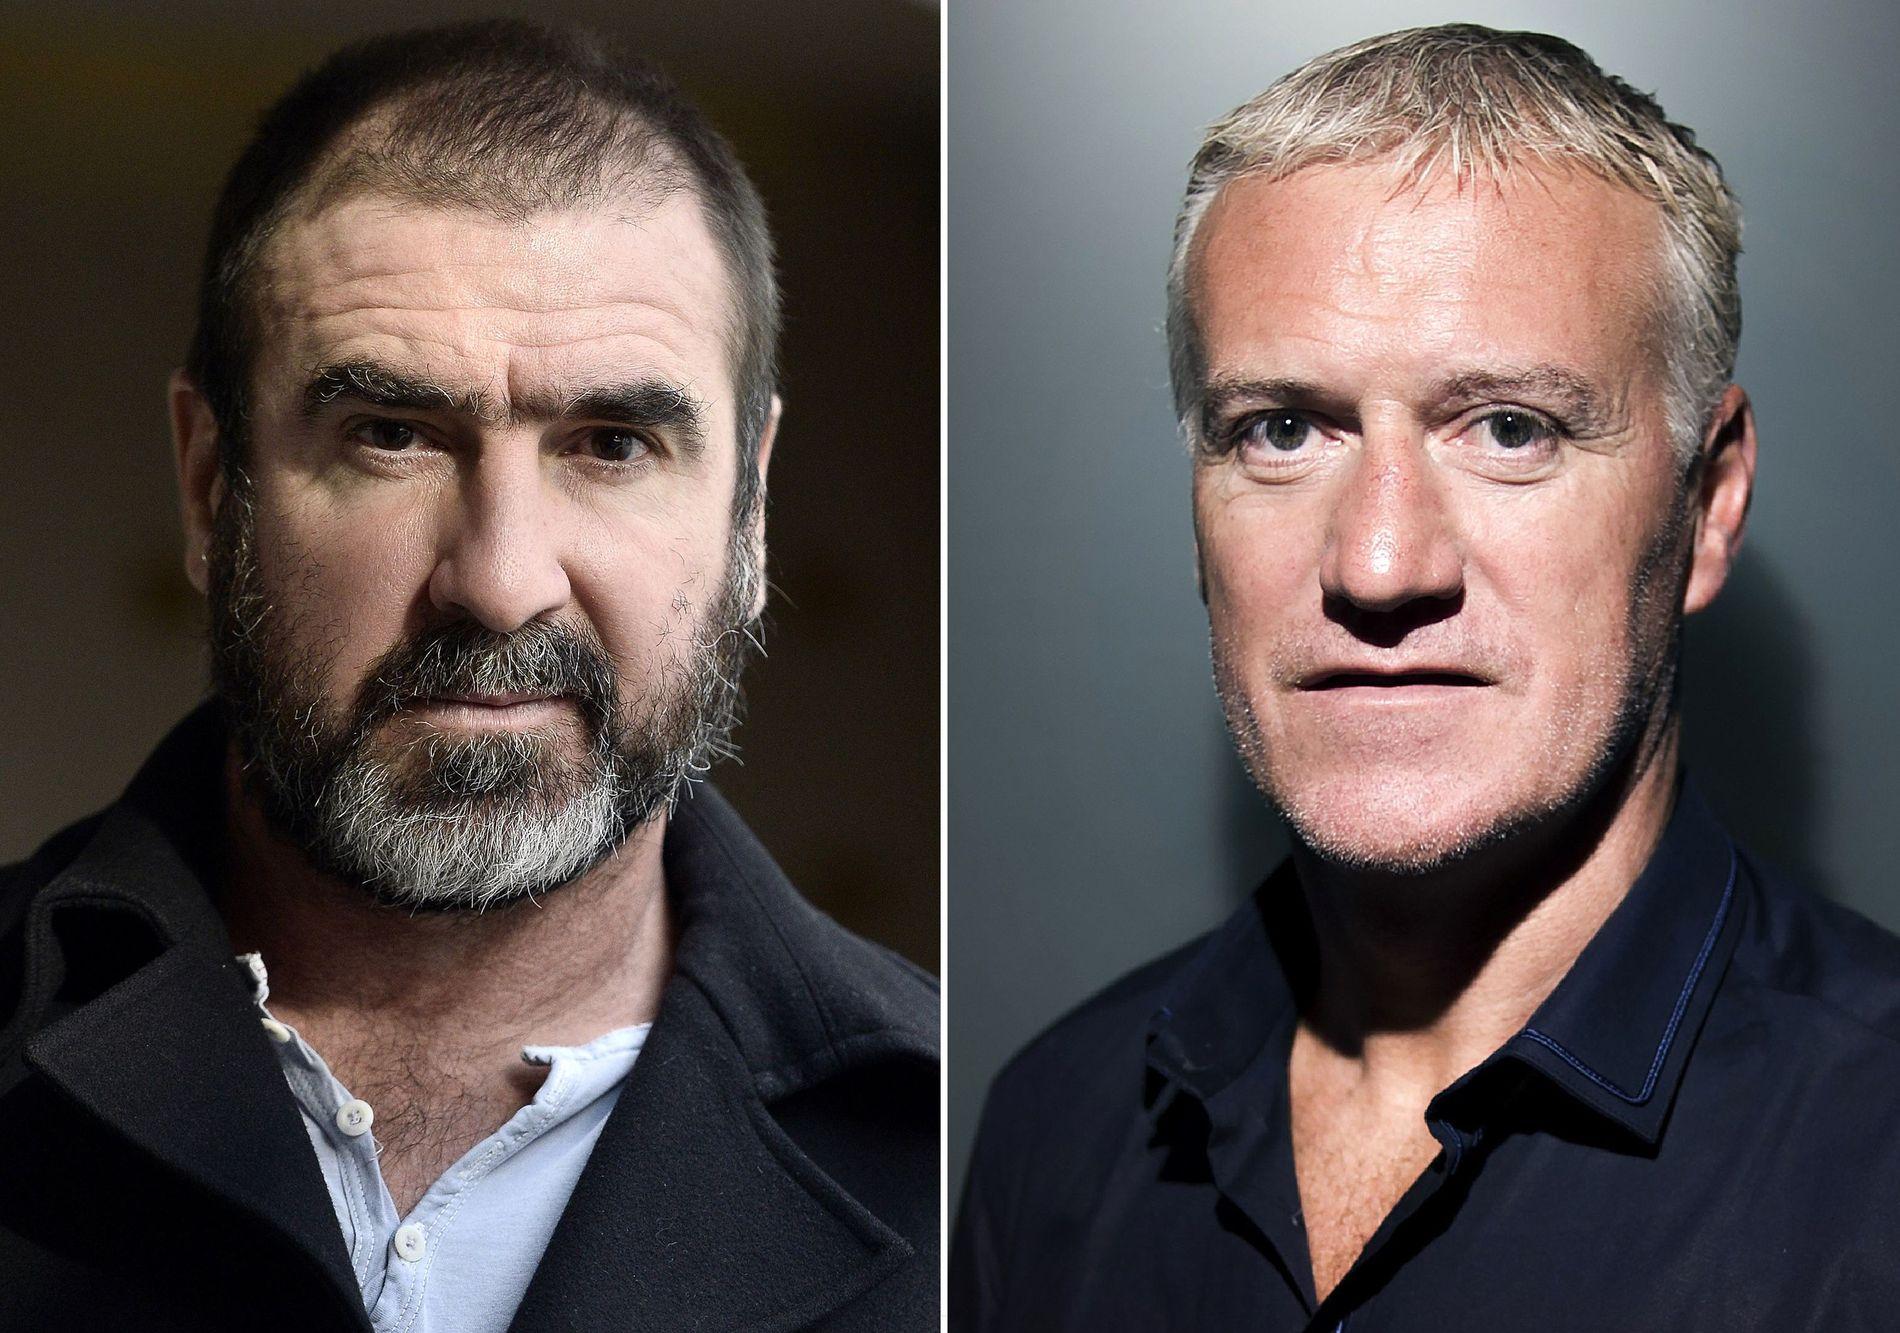 BESKYLDTE SJEFEN: Manchester United-legenden Eric Cantona (t.v.) beskyldte den franske landslagssjefen Didier Deschamps for rasisme før EM i fjor. Nå er han saksøkt for ærekrenkelse.